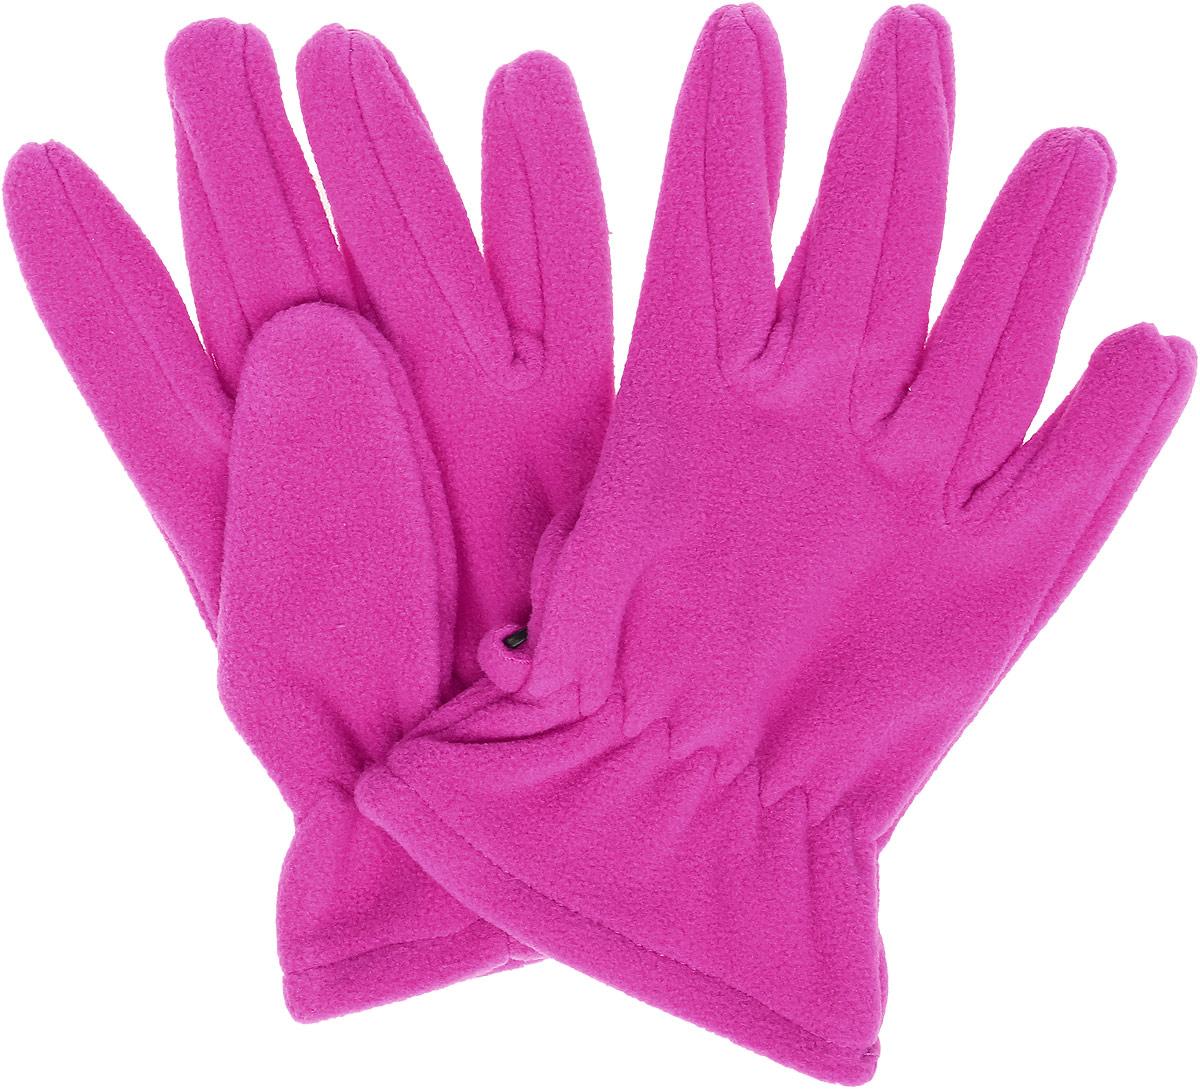 Перчатки для девочки Scool, цвет: розовый. 374080. Размер 16374080Перчатки Scool из теплого флиса - отличное решение для прогулок в холодную погоды. Запястья модели с резинкой для дополнительного сохранения тепла. Перчатки дополнены специальными крючками, при необходимости их можно скрепить между собой или пристегнуть к куртке.